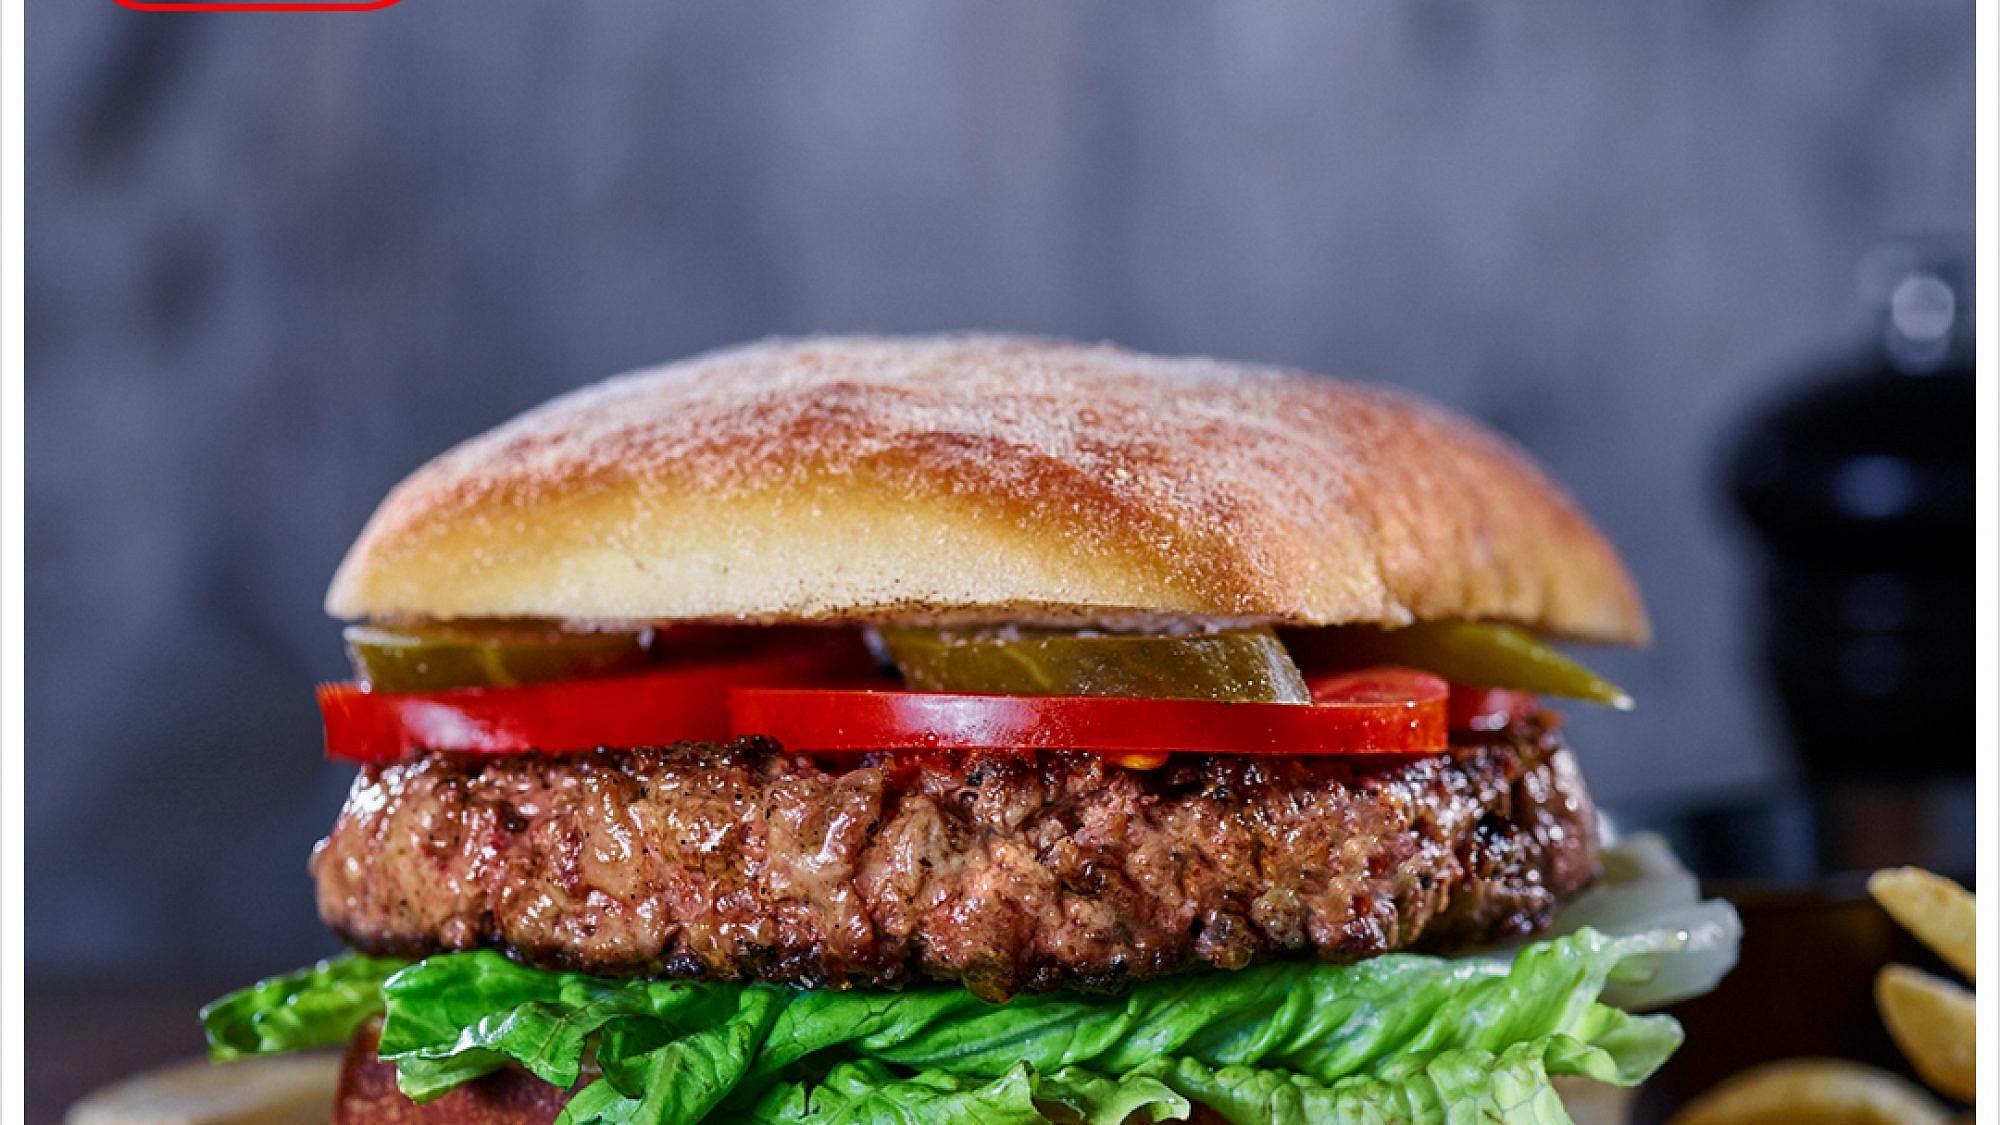 המבורגר חוק וצ'דר של הדסון – בעל הקציצה הטובה ביותר (צילום: דן פרץ)